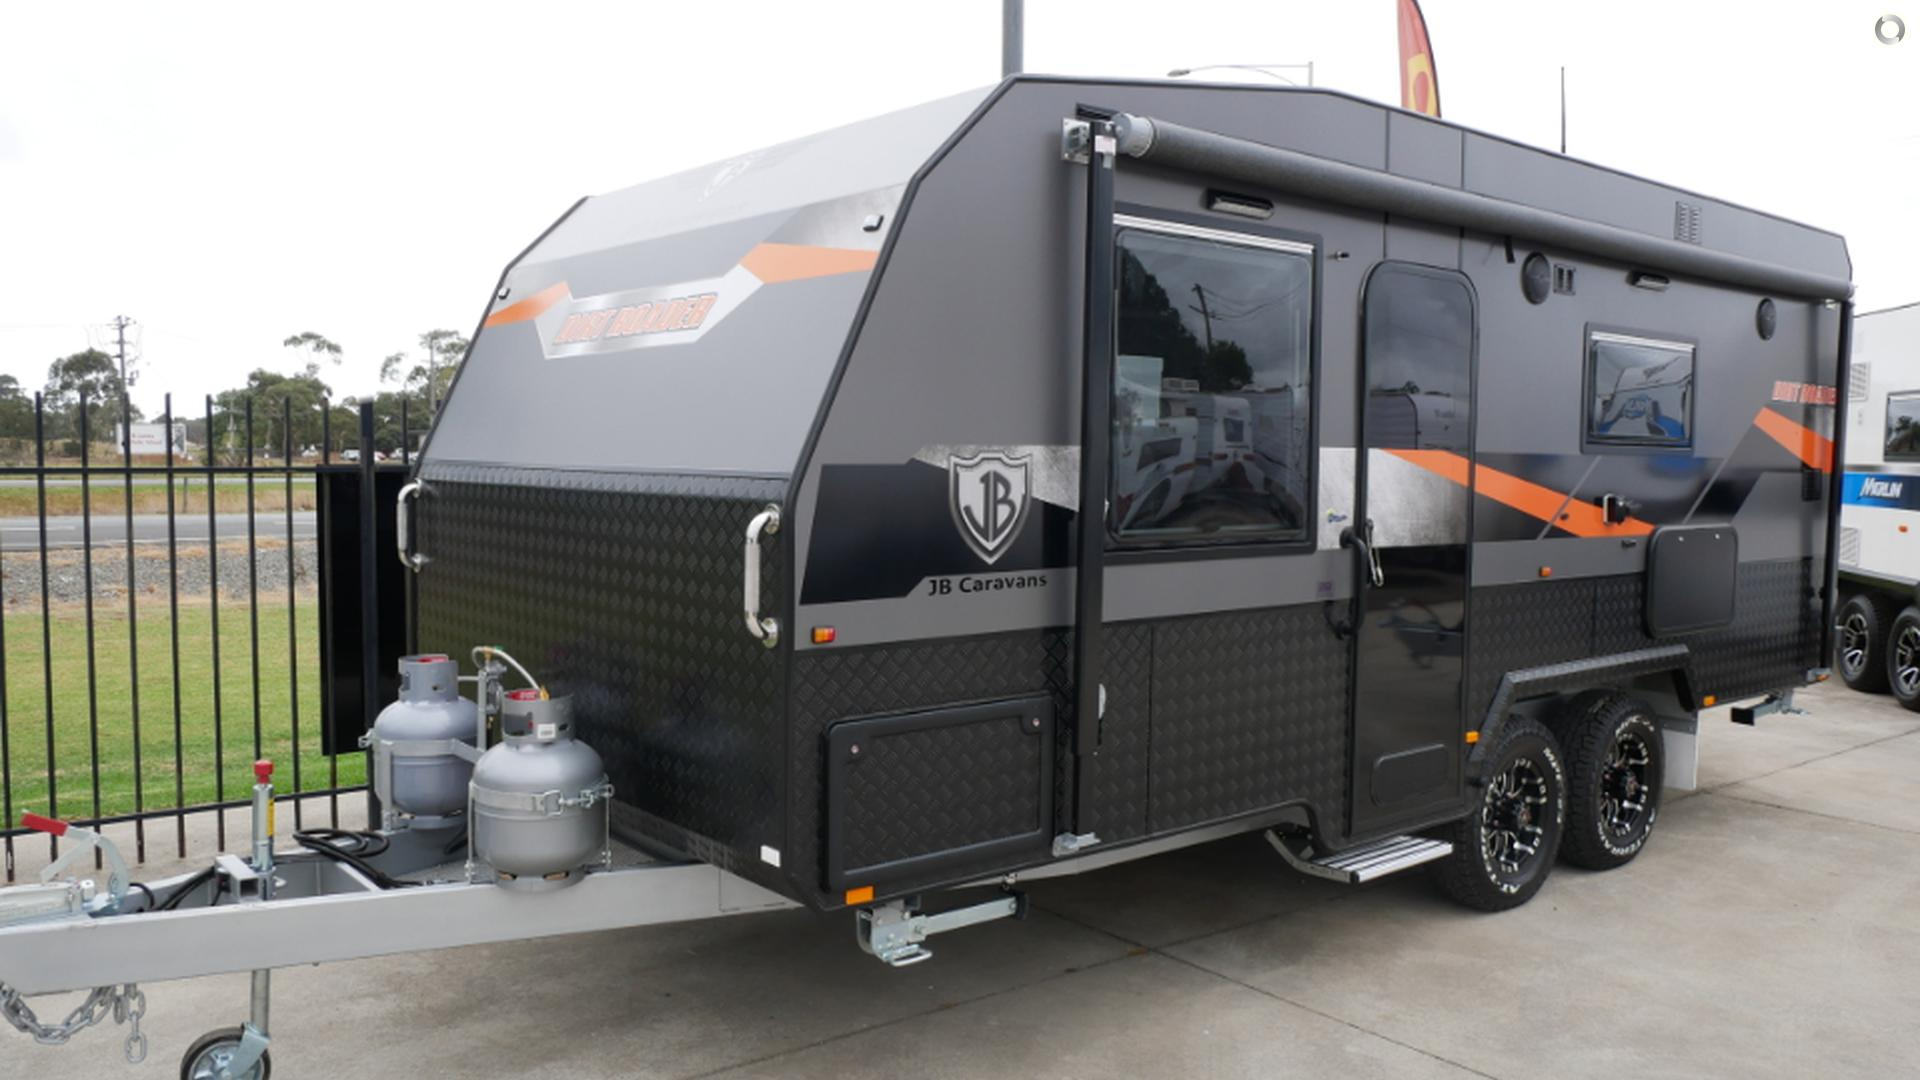 2019 JB Caravans Dirt Roader 196